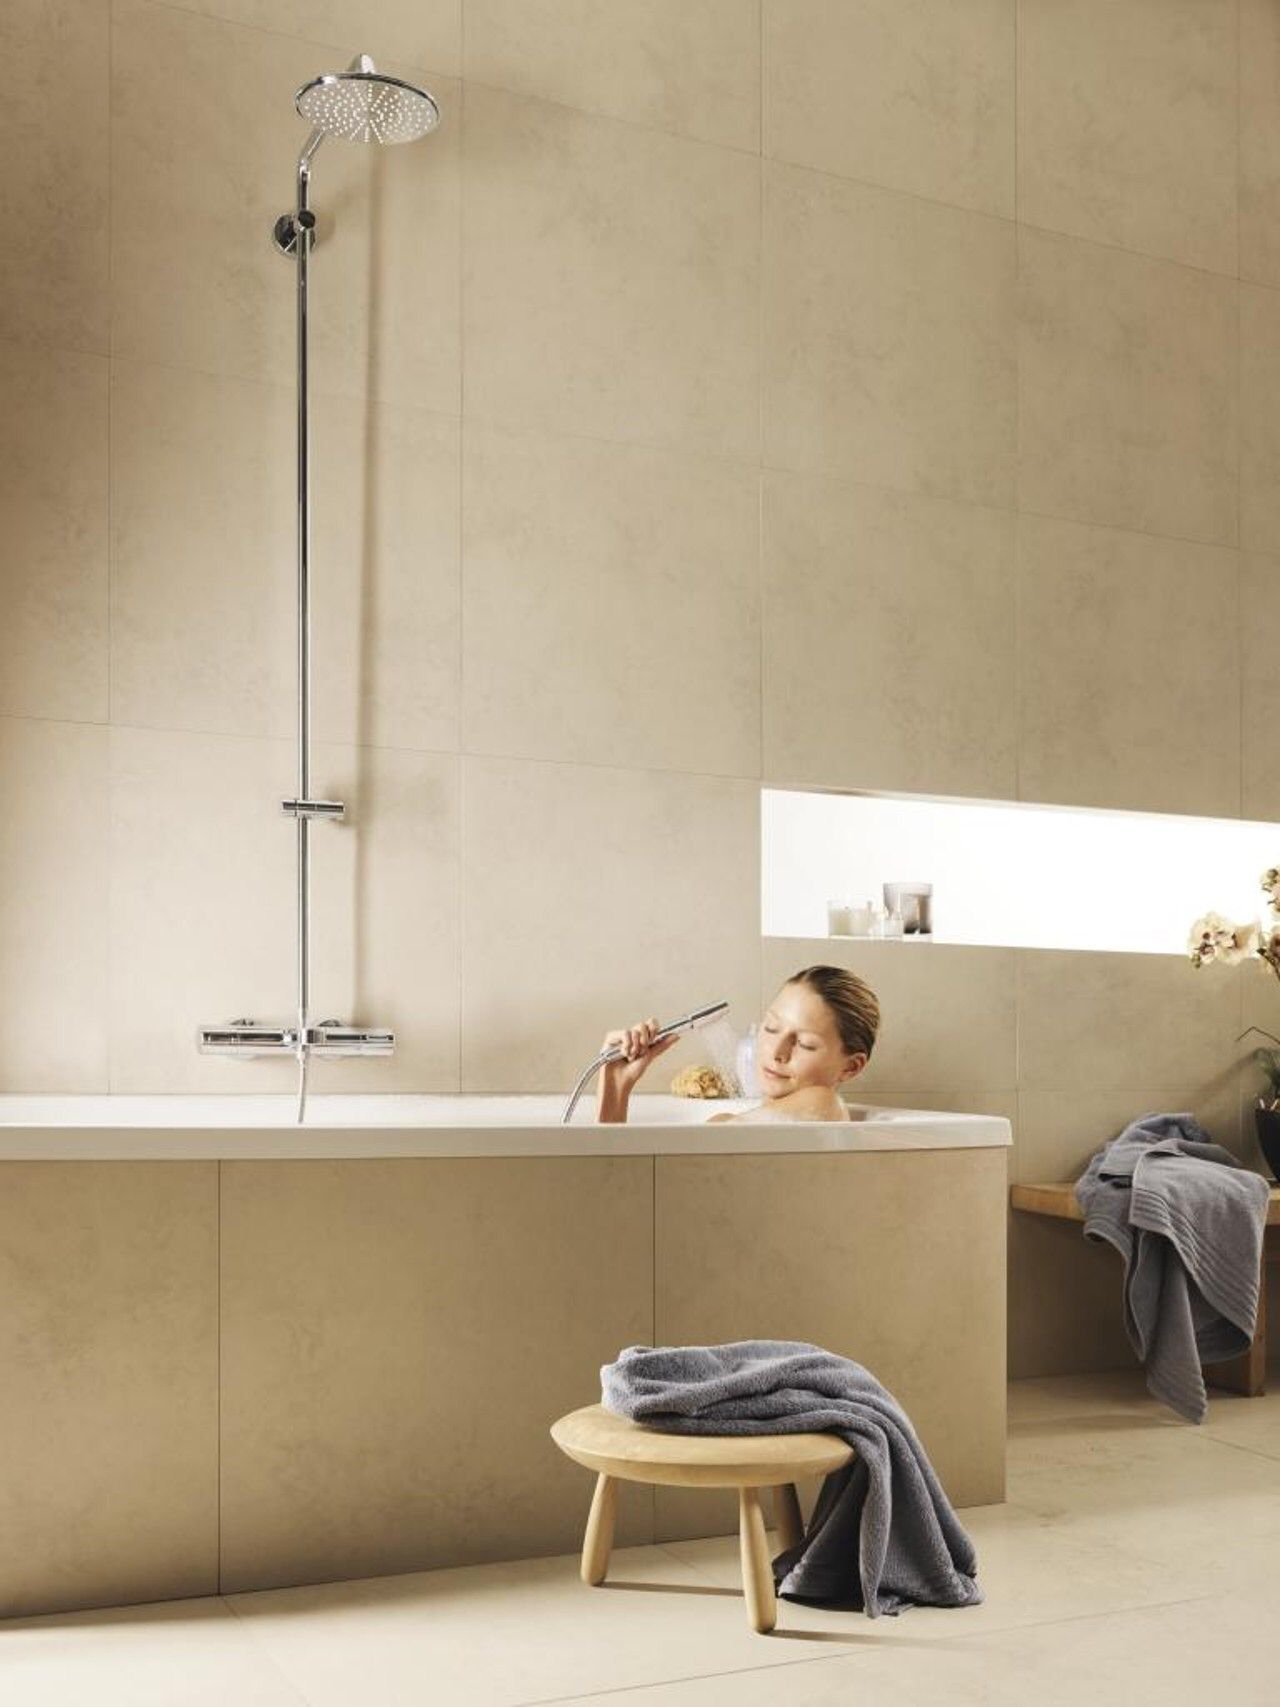 Rainshower shower system   Smukke badekar til velvære   Pinterest ...